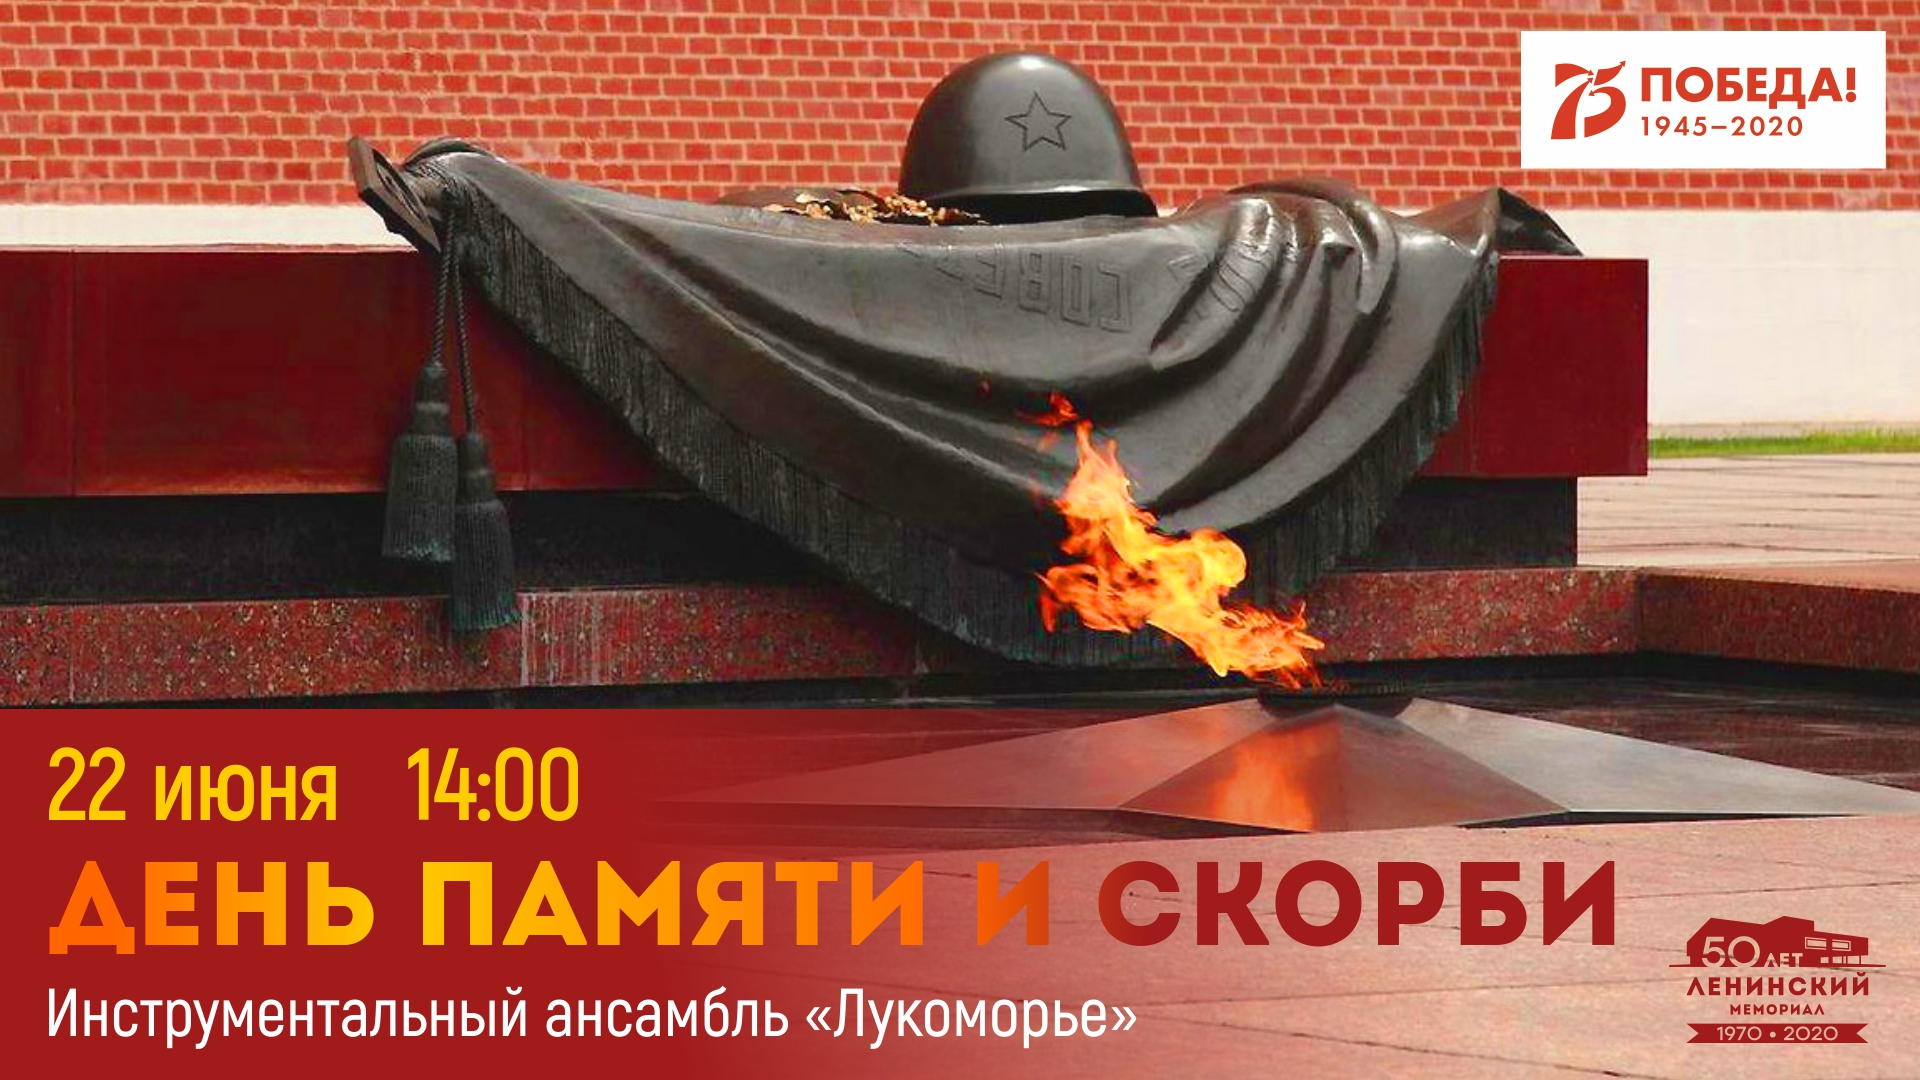 Программа на сайте Ленинского мемориала ко Дню памяти и скорби, концерт ансамбля «Лукоморье»